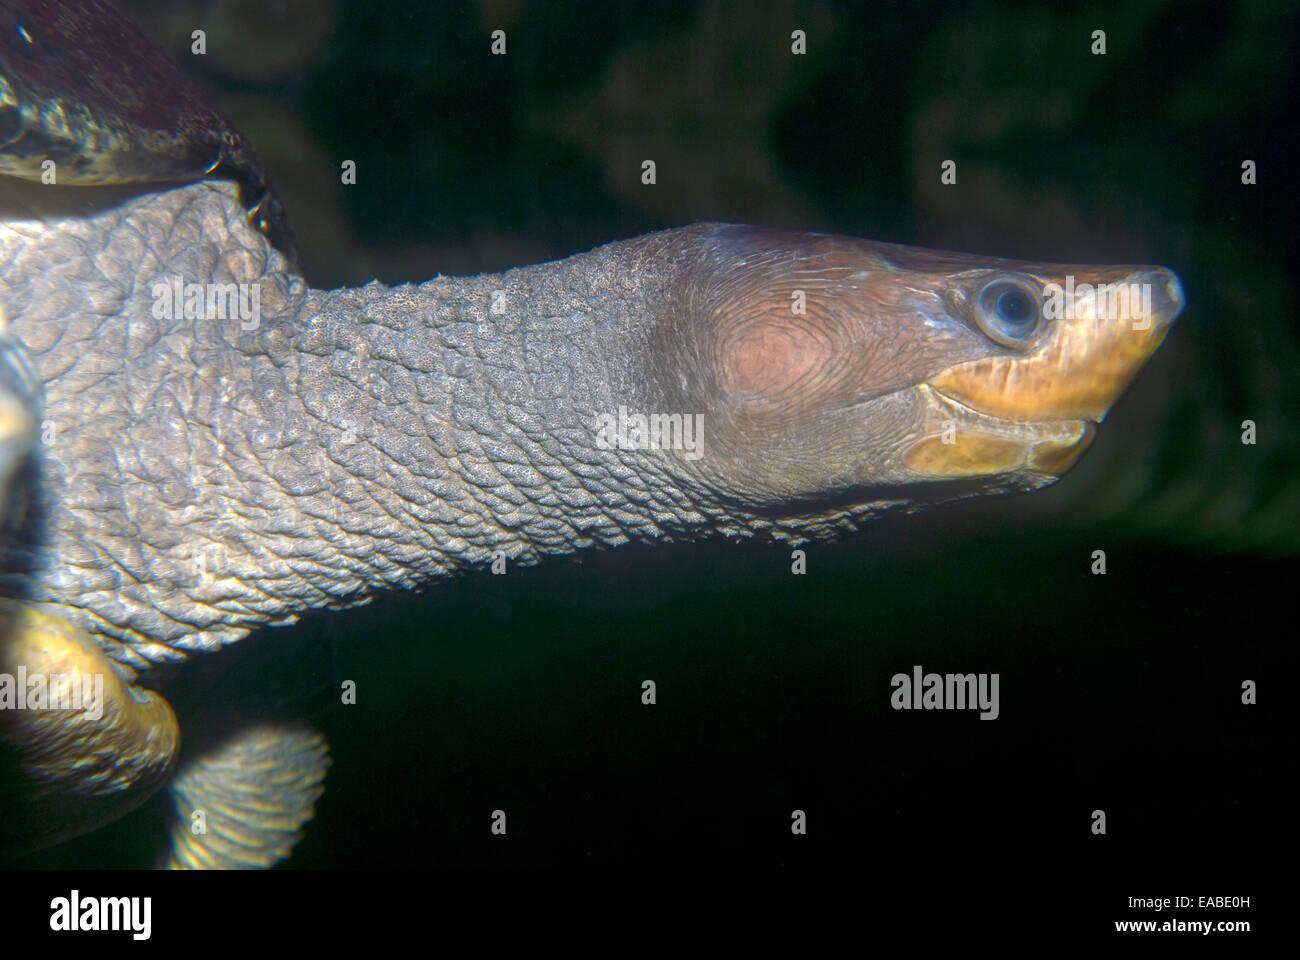 La tortuga de pantano nadar bajo el agua. Imagen De Stock